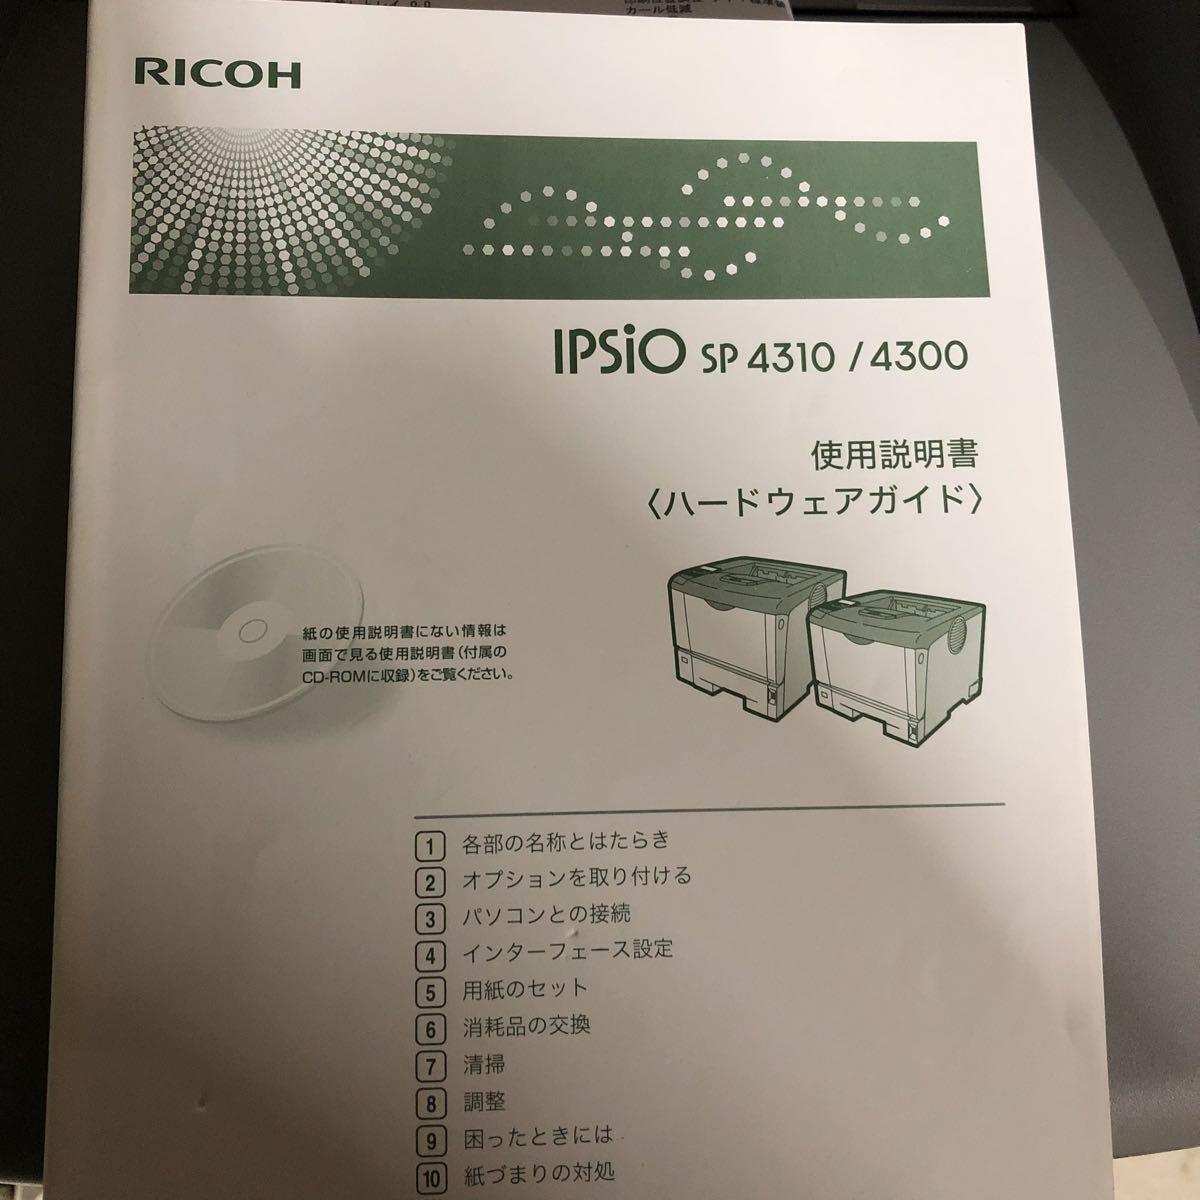 ★RICOH A4 モノクロレーザー IPSiO SP4310 印刷枚数2671枚 ★_画像9